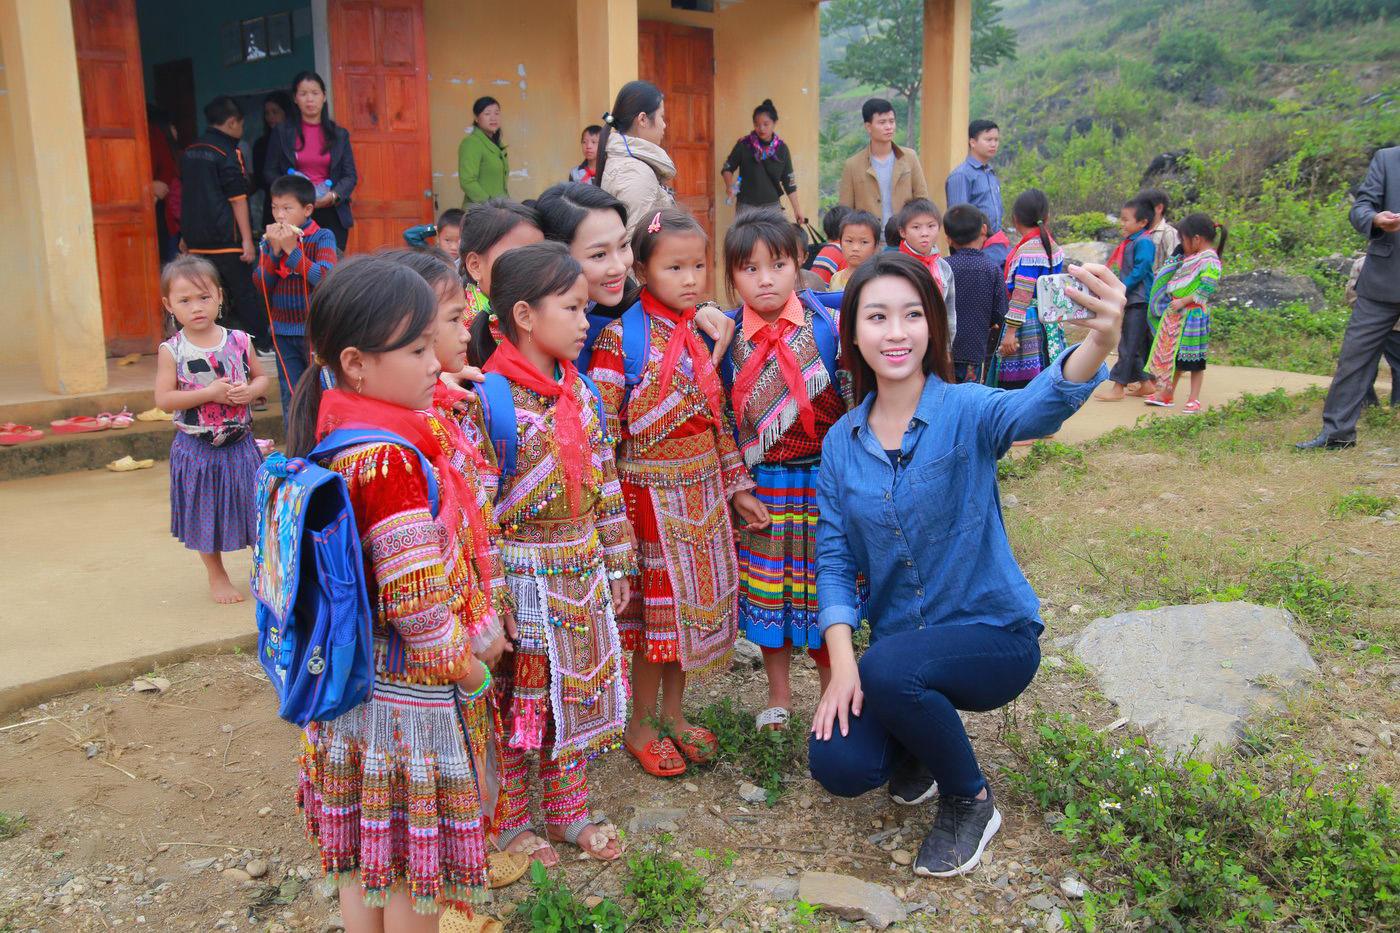 Hoa hậu Mỹ Linh đốn fan bằng sự giản dị khi đi từ thiện 11